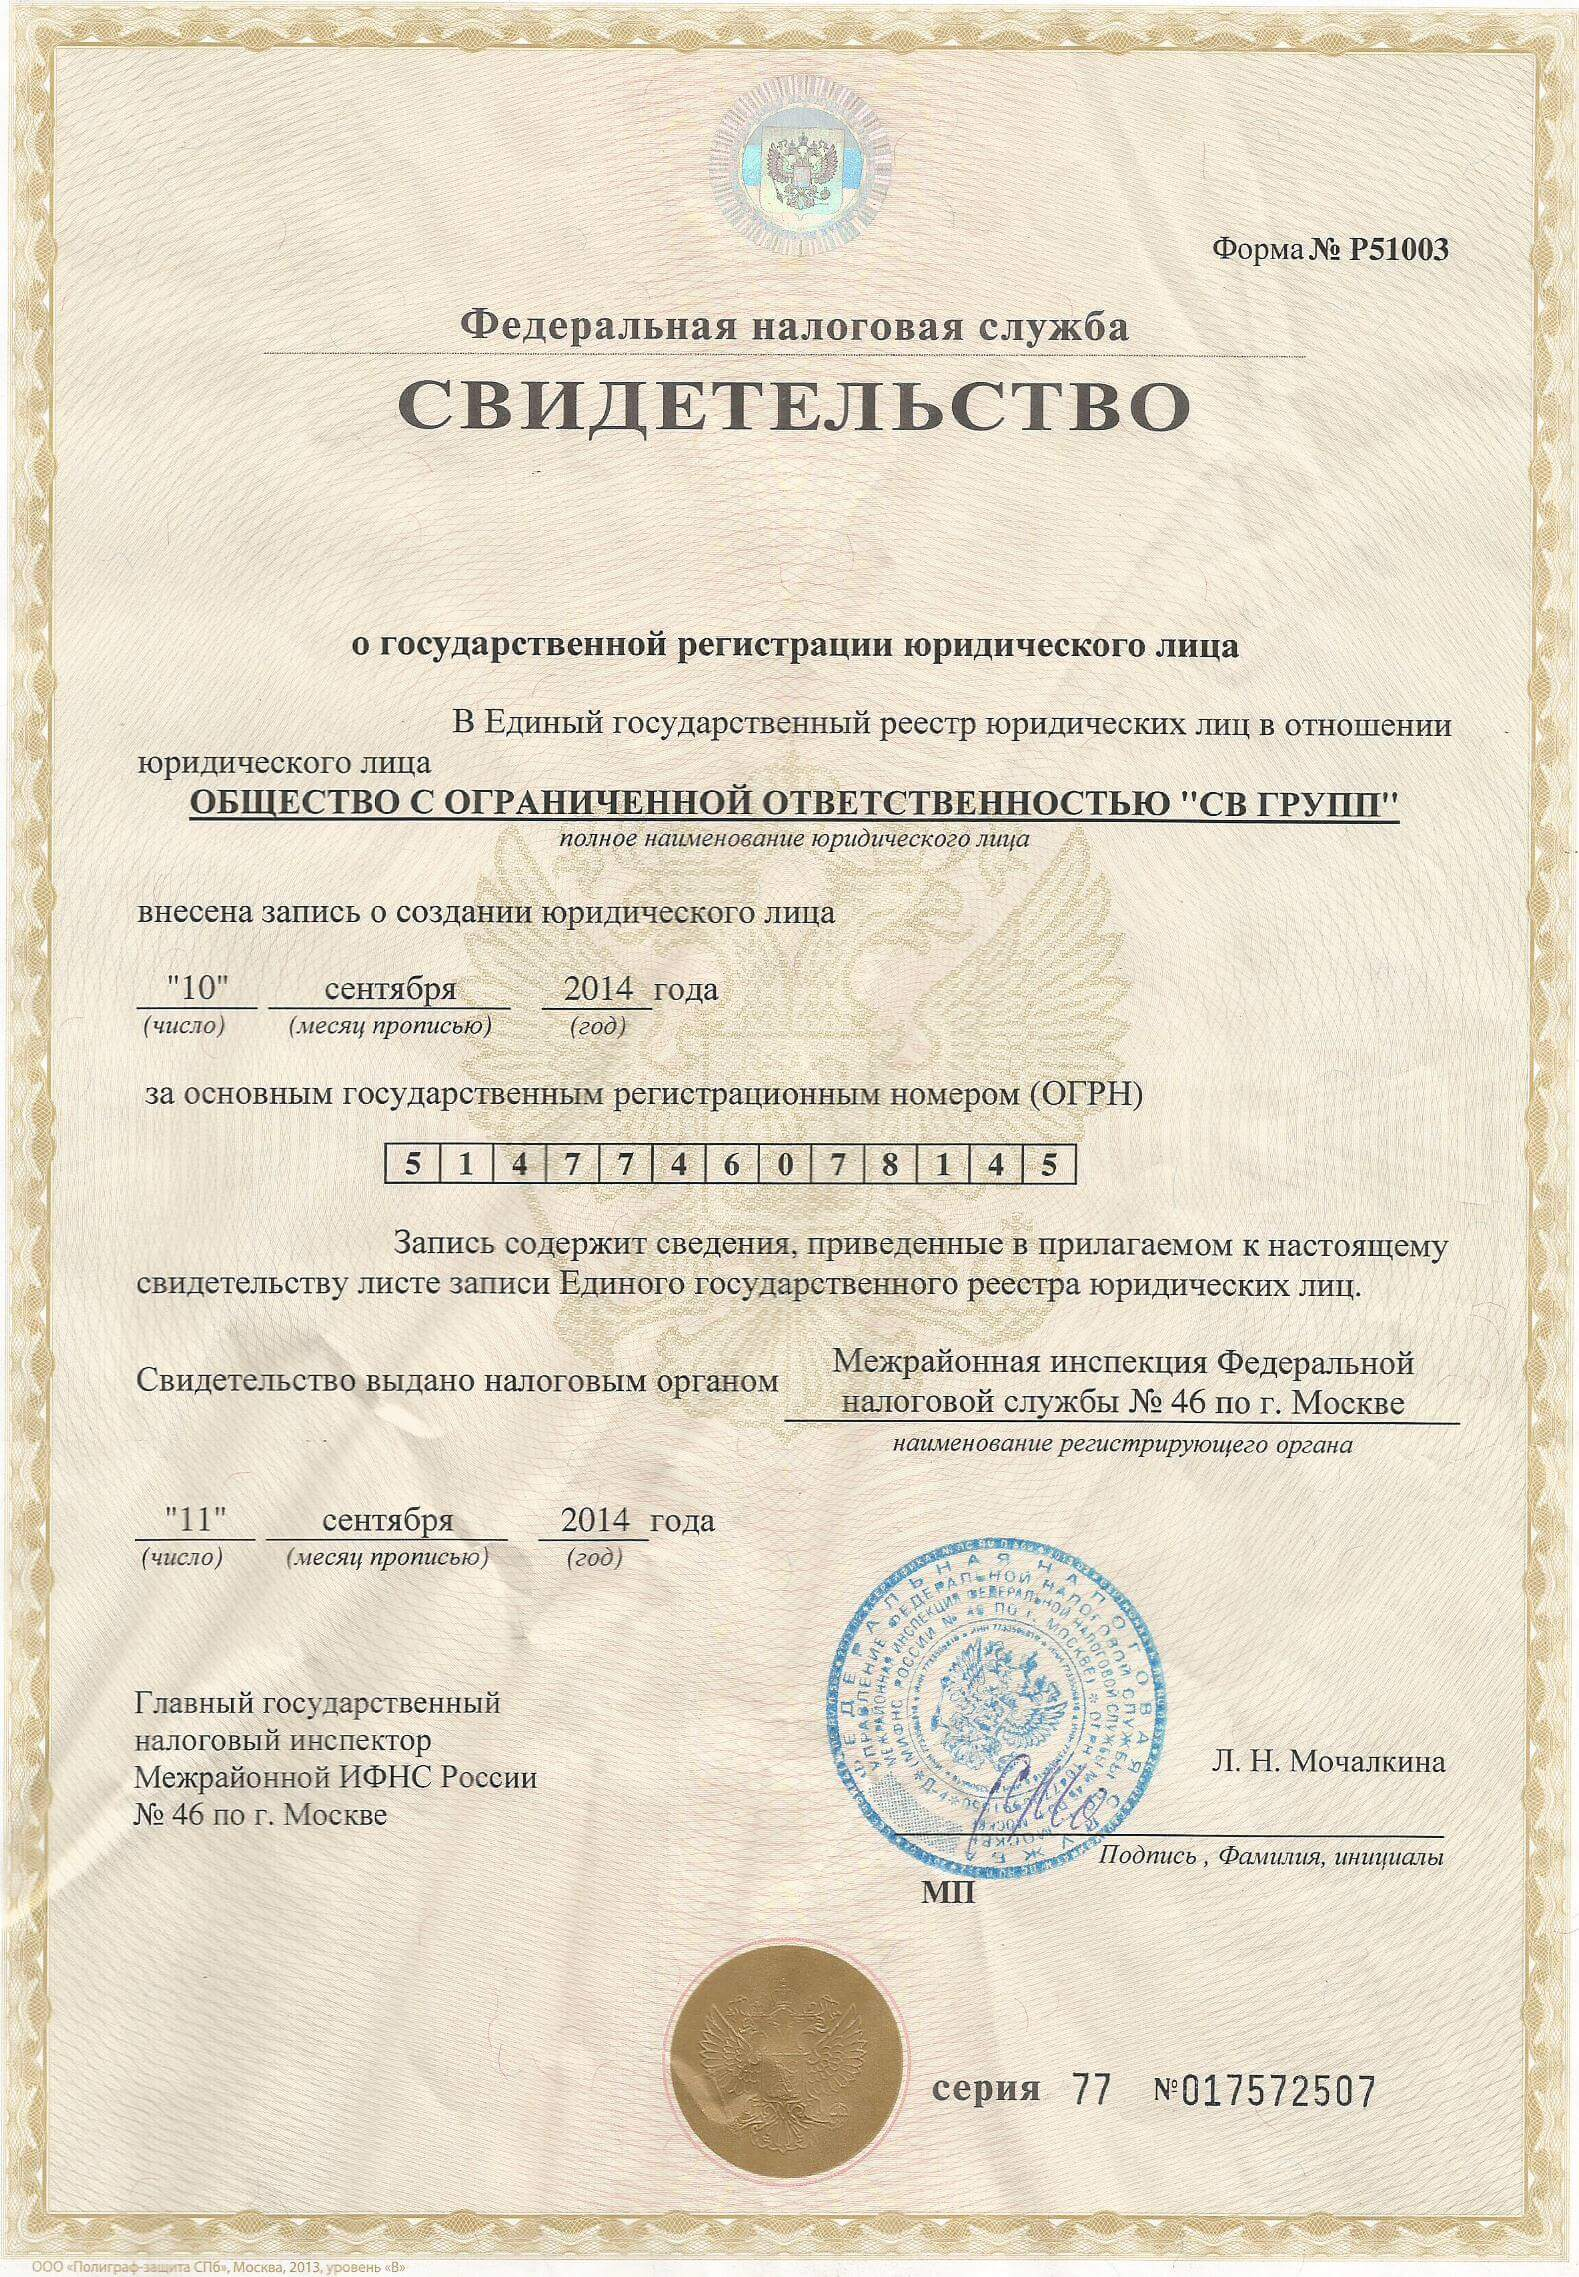 пао сбербанк россии г москва бик 044525225 адрес